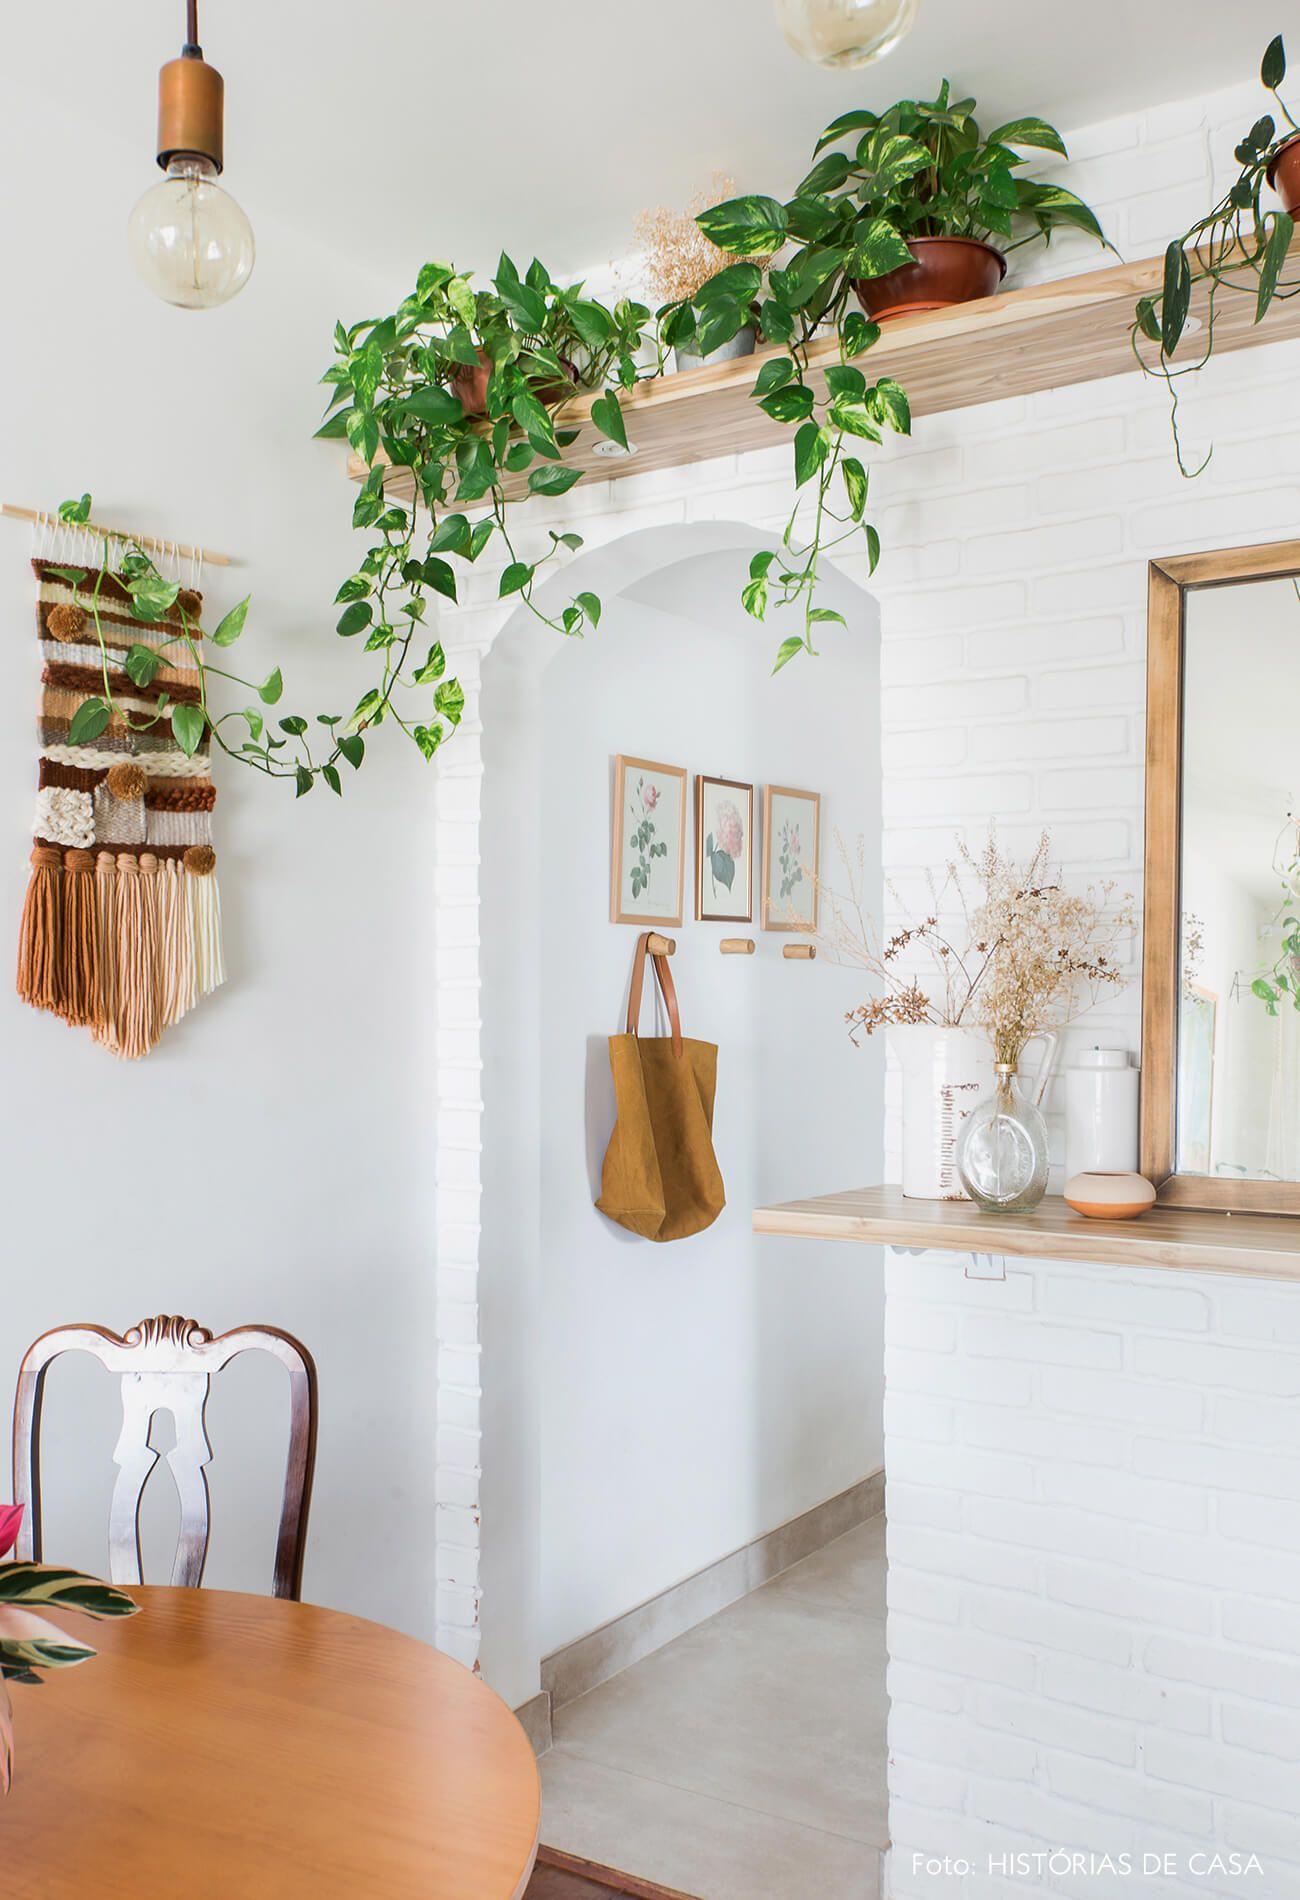 Apartamento Pequeno E Cheio De Plantas Com Imagens Sala De